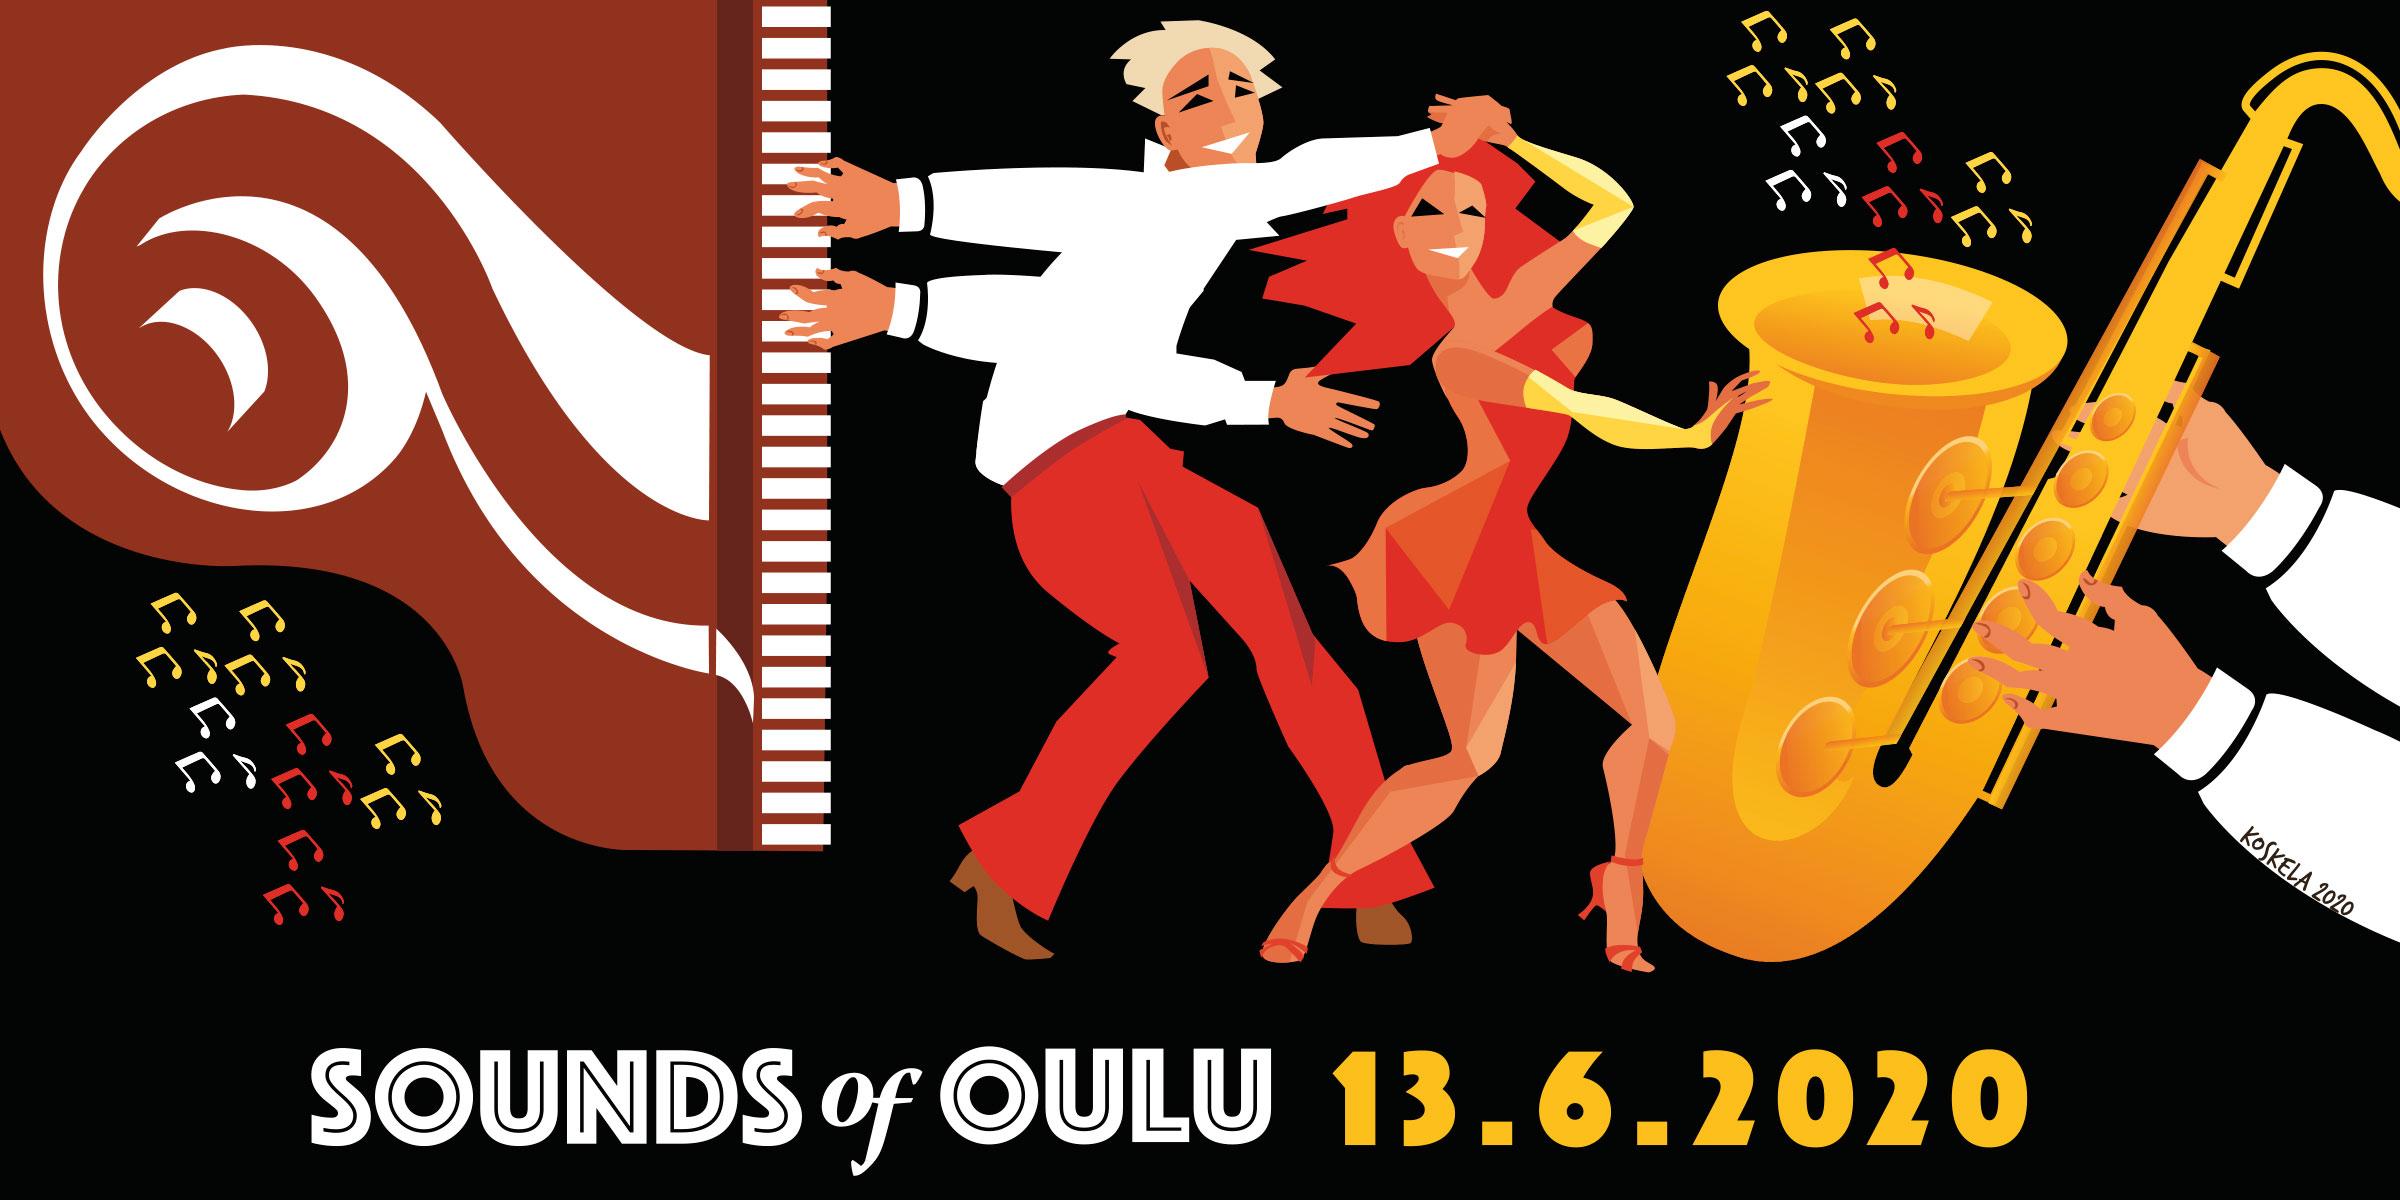 Sounds of Oulu 2020